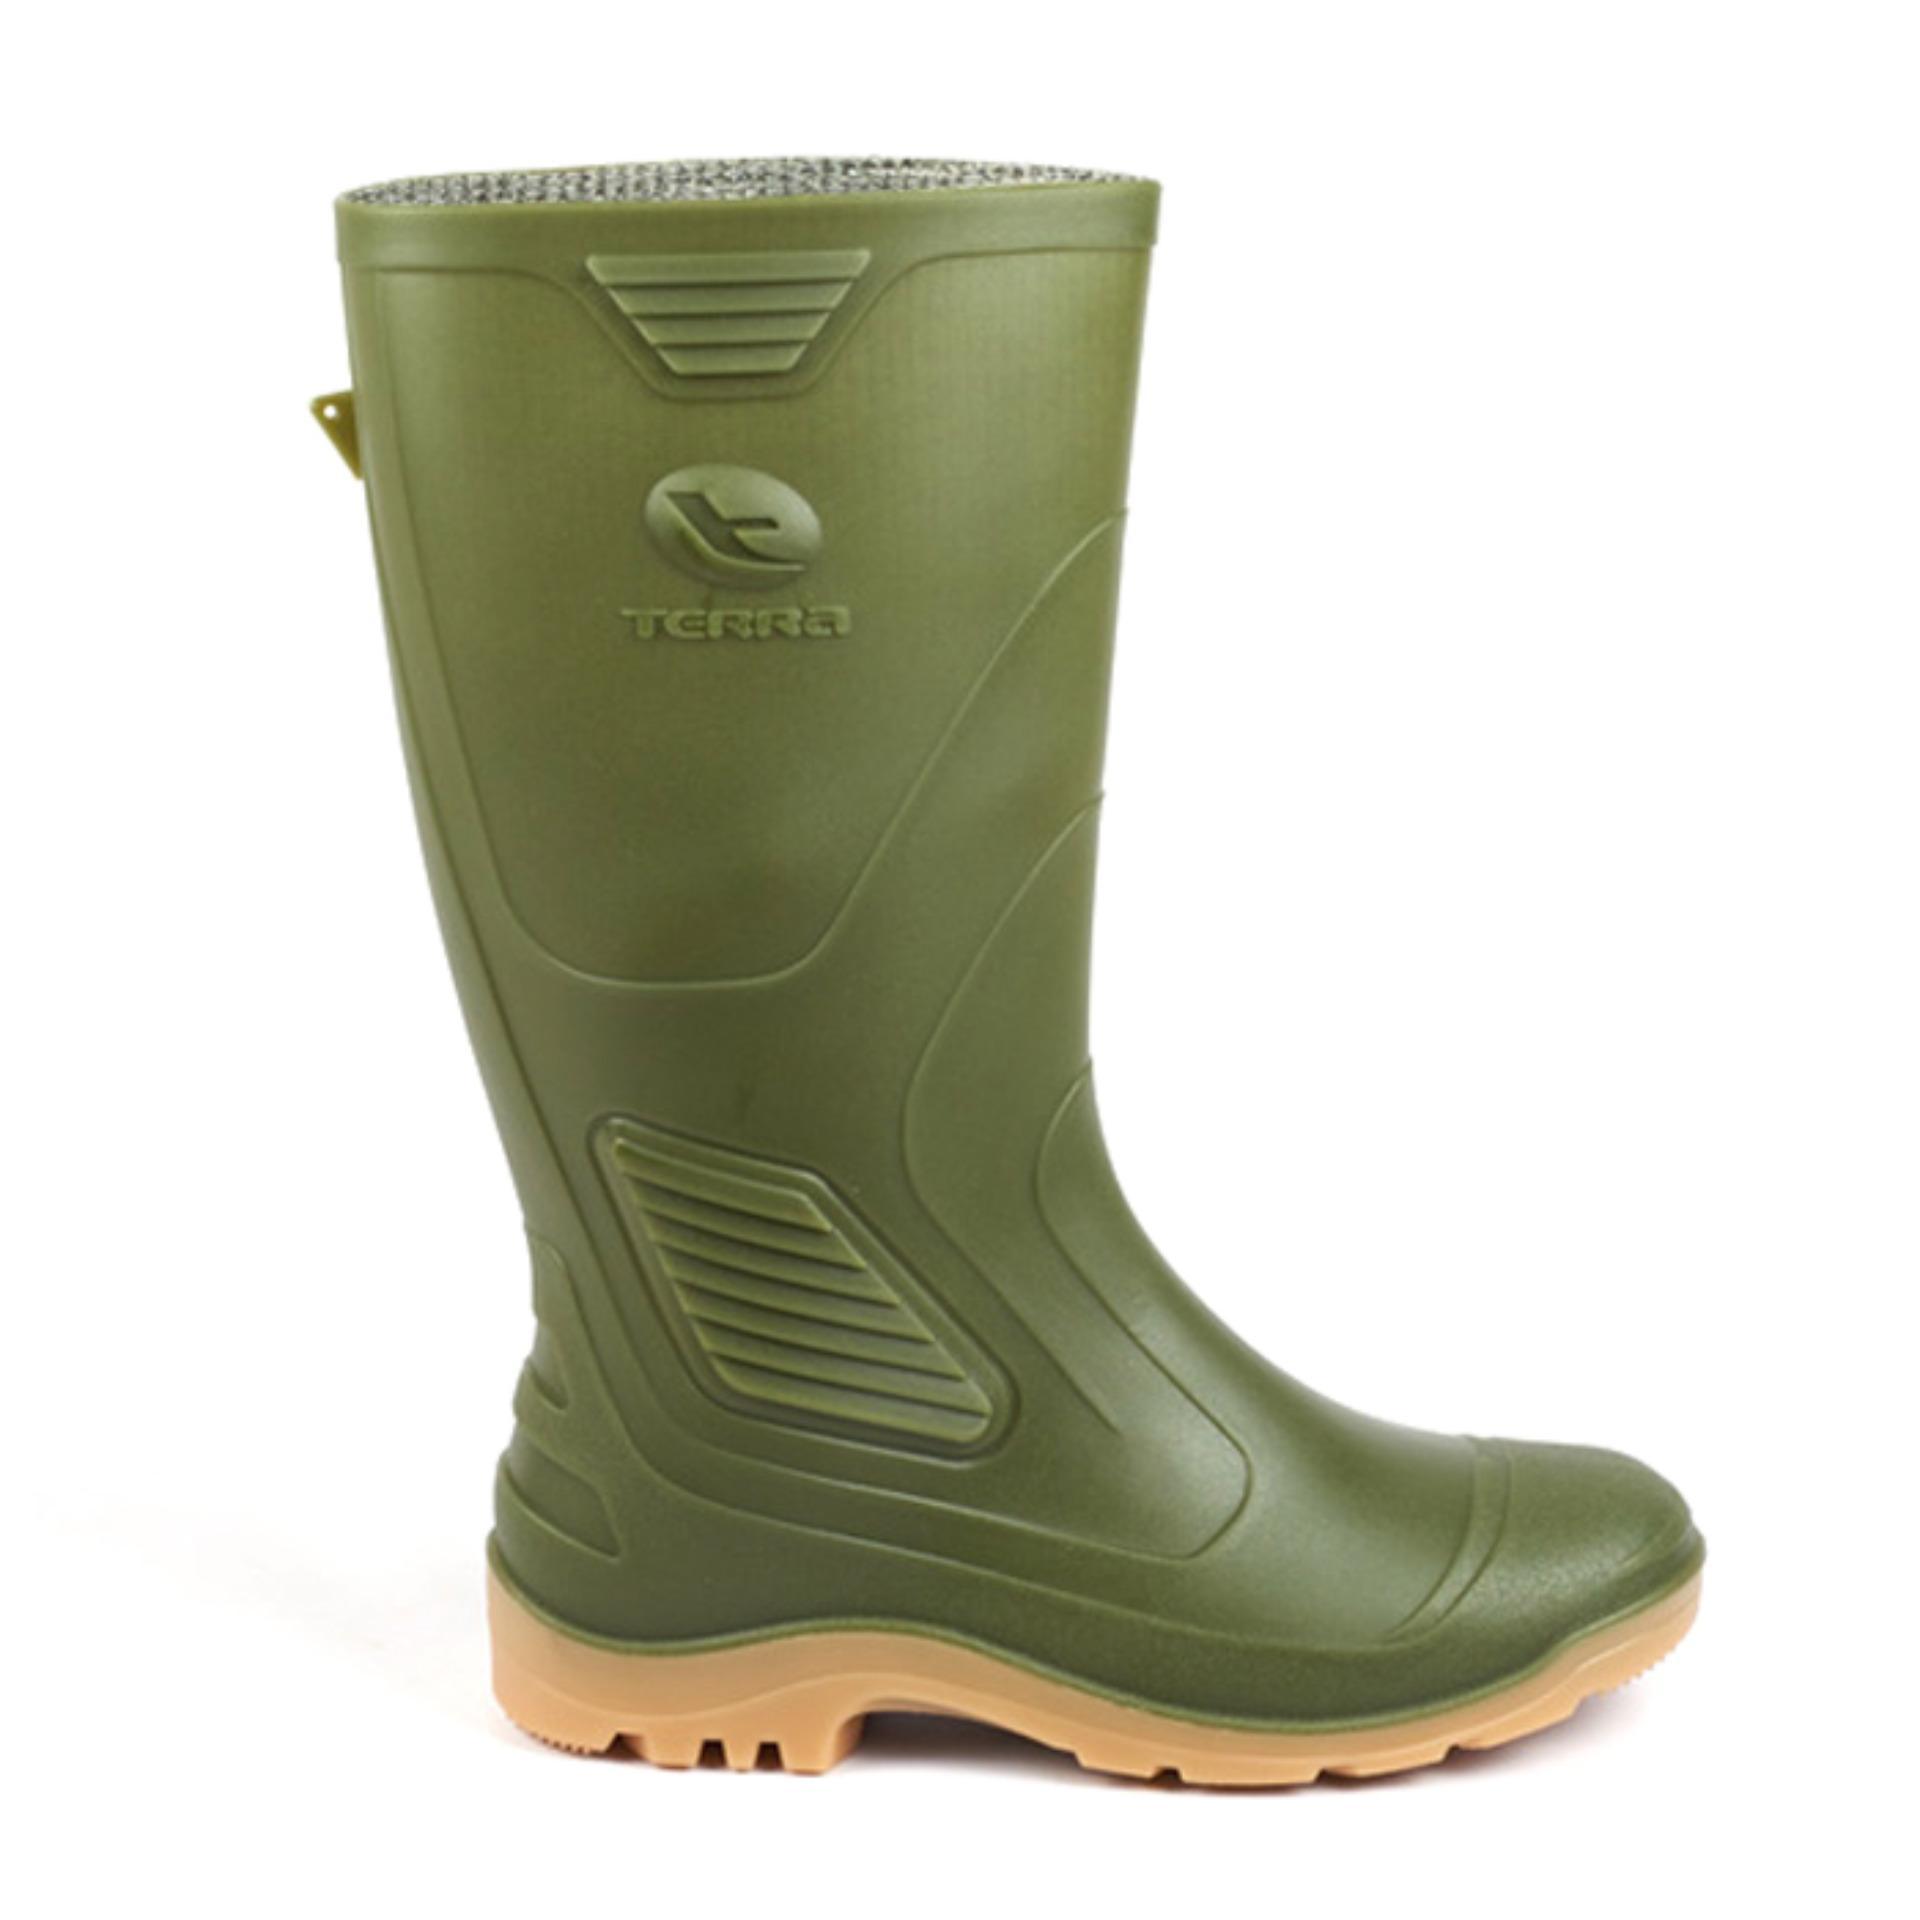 Toko Ap Boots Sepatu Kerja Slop Waterproof Ap Terra Eco 3 Lengkap